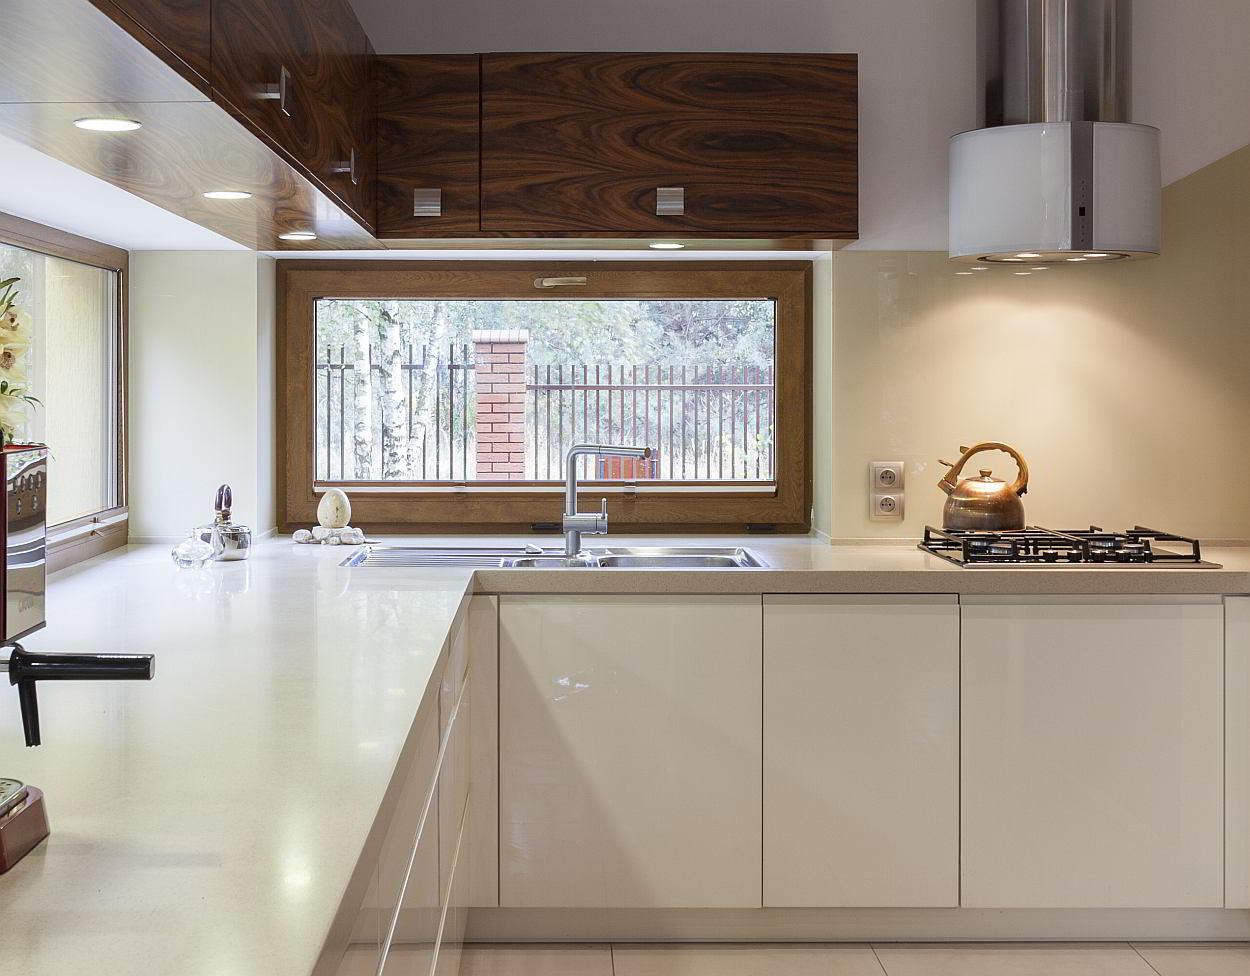 Witte Wasbak Keuken : Witte wasbak keuken witte keuken i love my interior witte wasbak